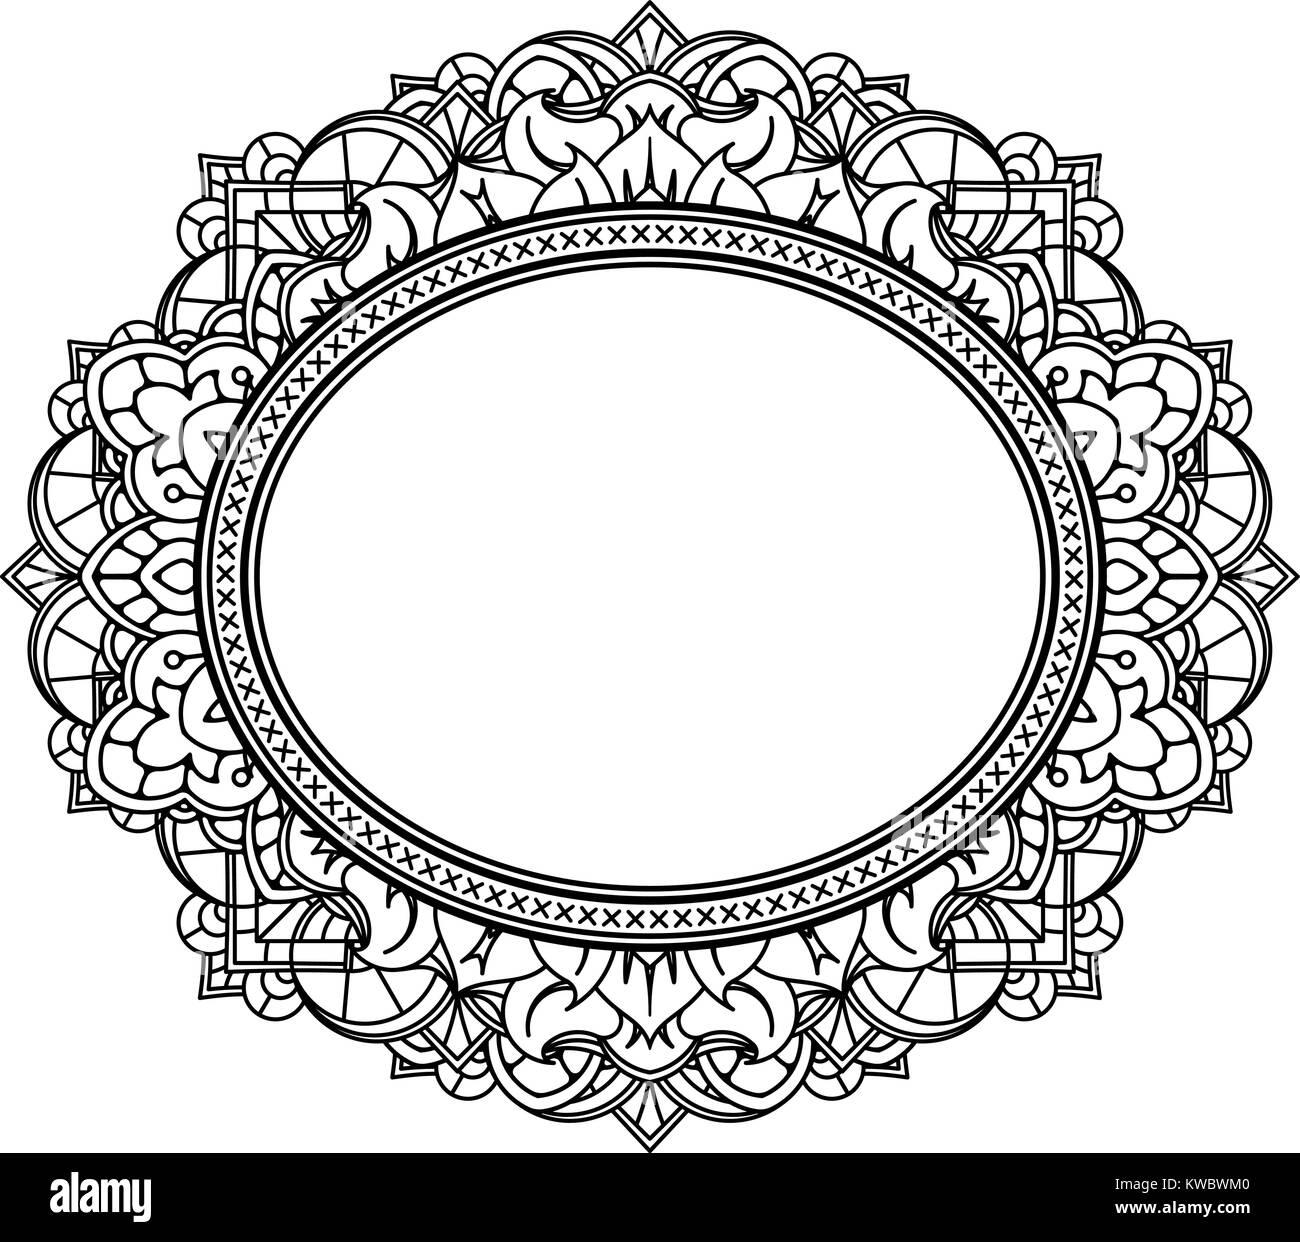 Marco ovalado decorado rico patrón. Vector Fondo decorativo en ...